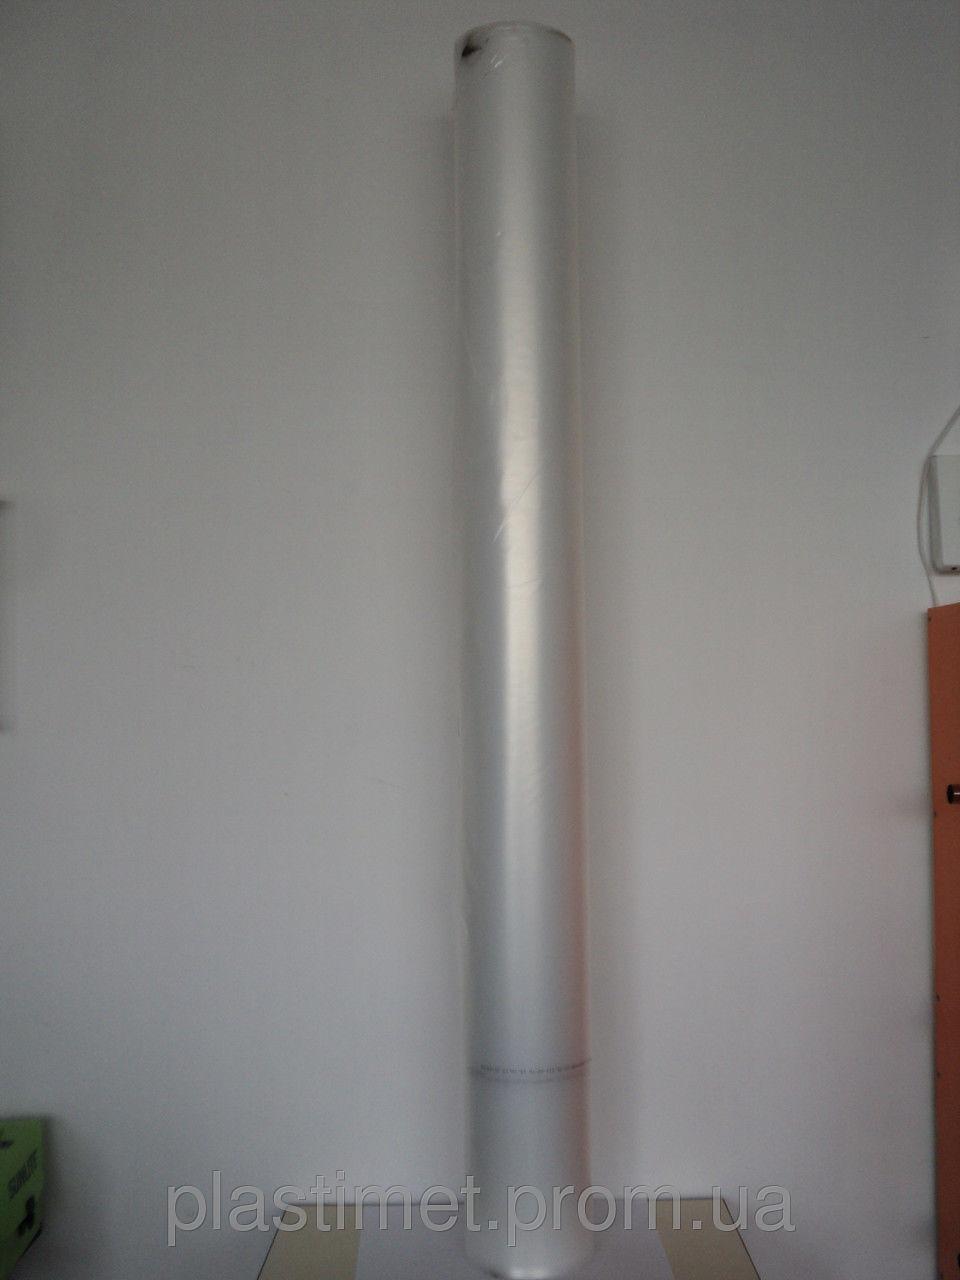 Пленка полиэтиленовая (рукав) РЕ 150